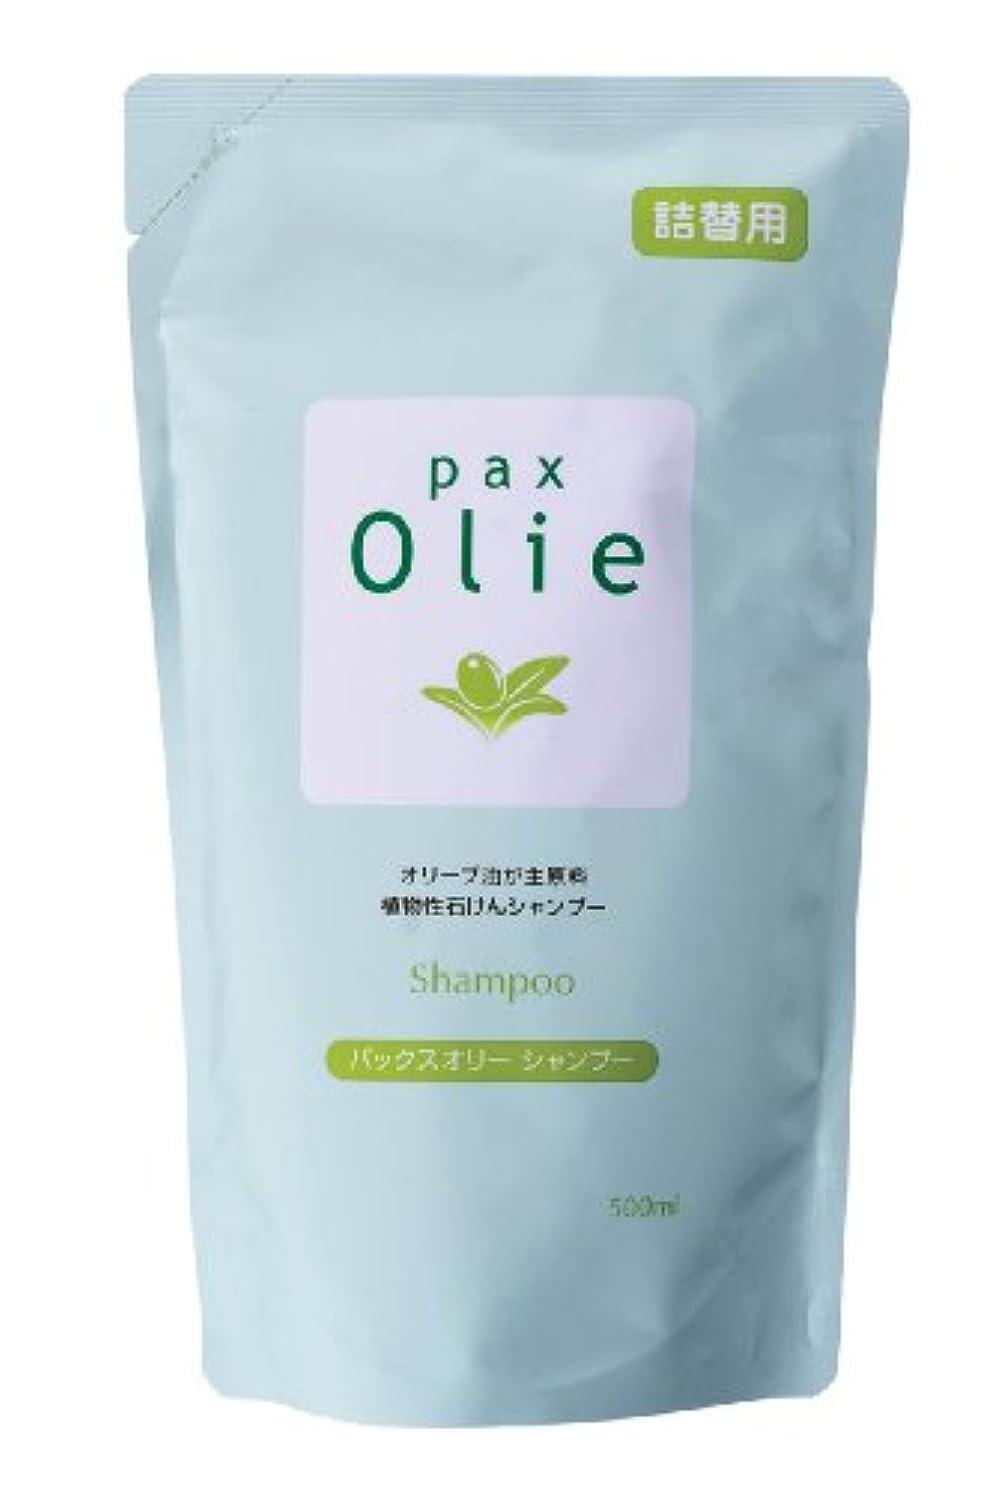 オフセット量カートPAX Olie(パックスオリー) パックスオリー シャンプー 詰替用 500mL